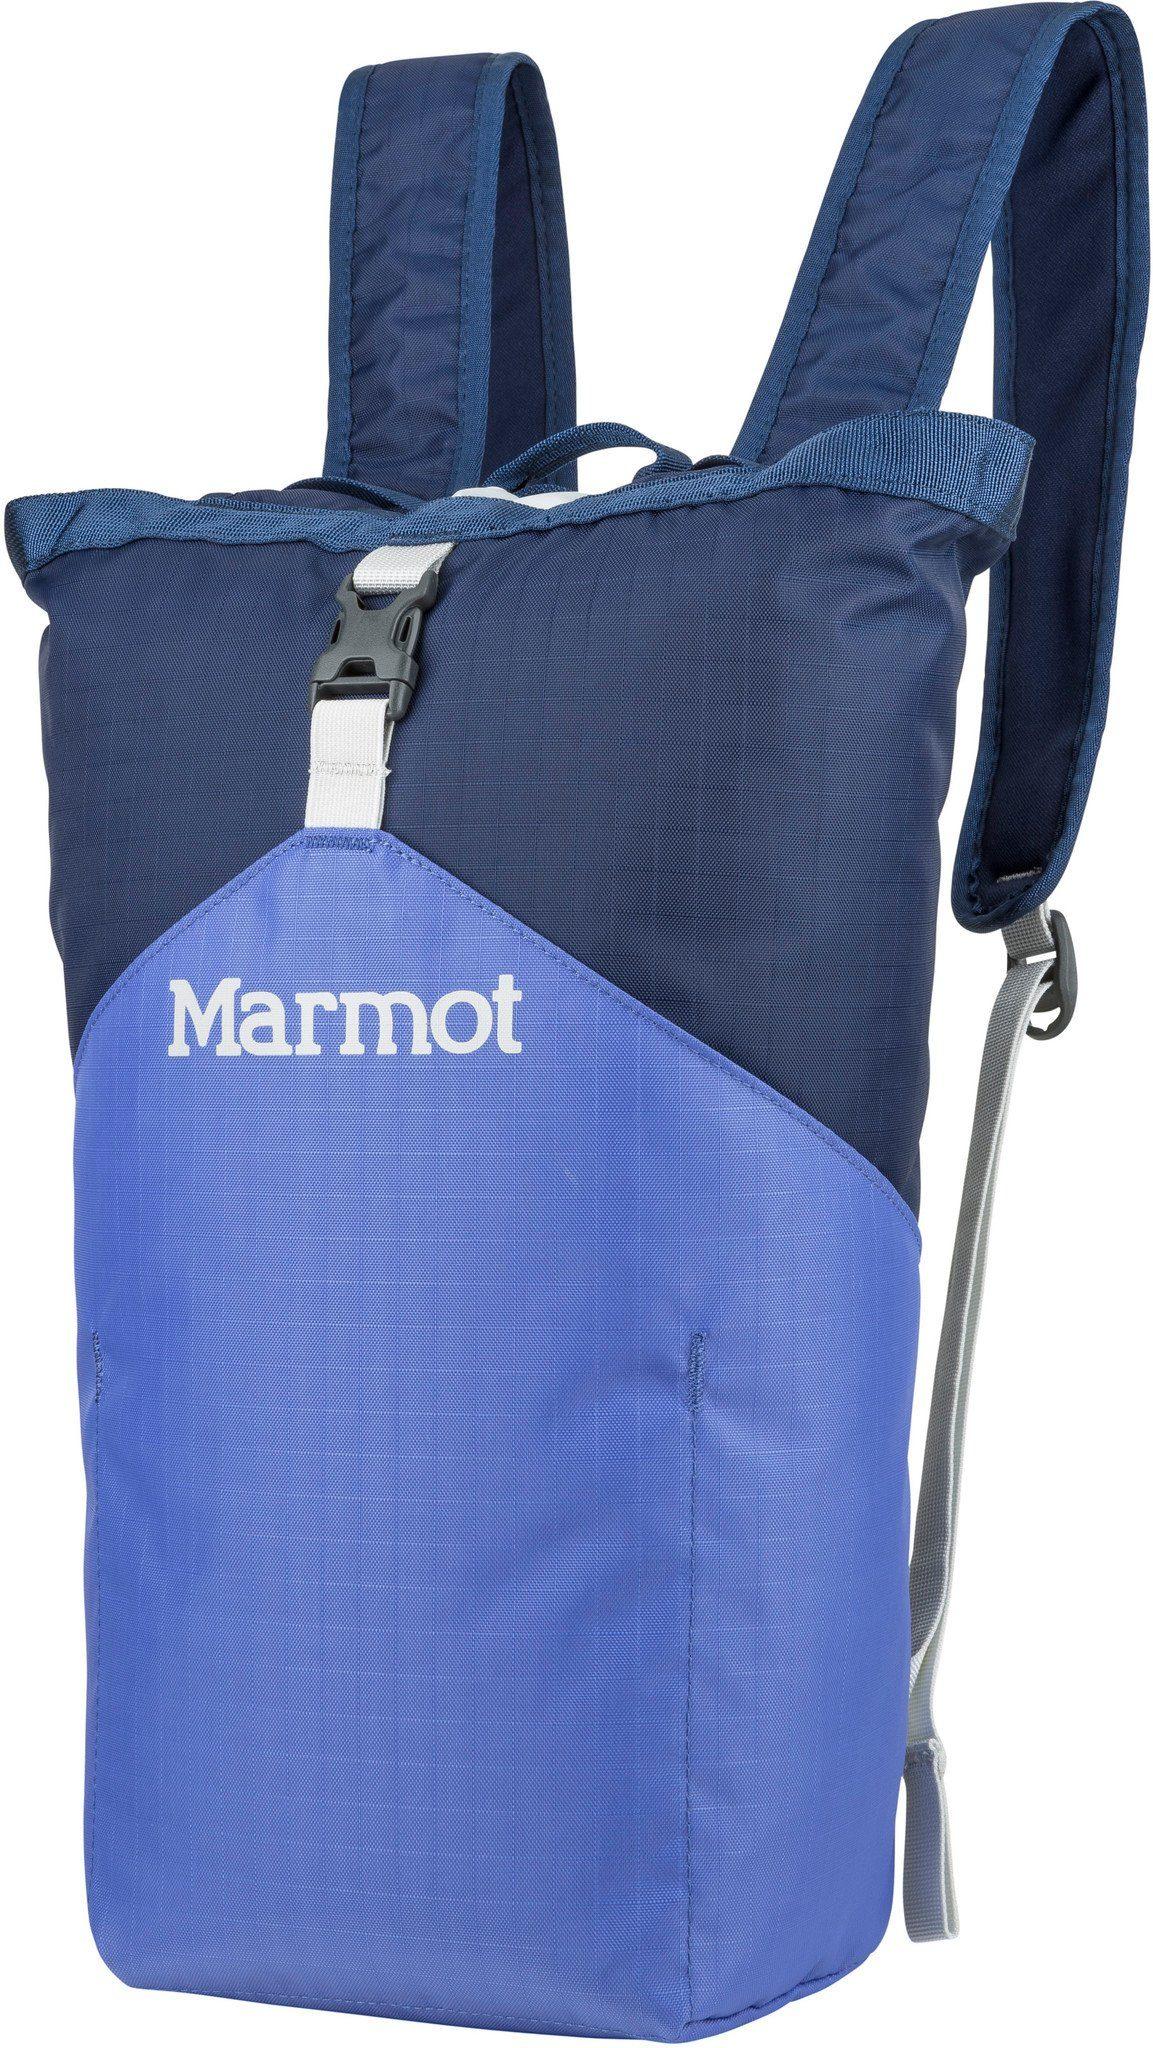 Marmot Wanderrucksack »Urban Hauler Small«